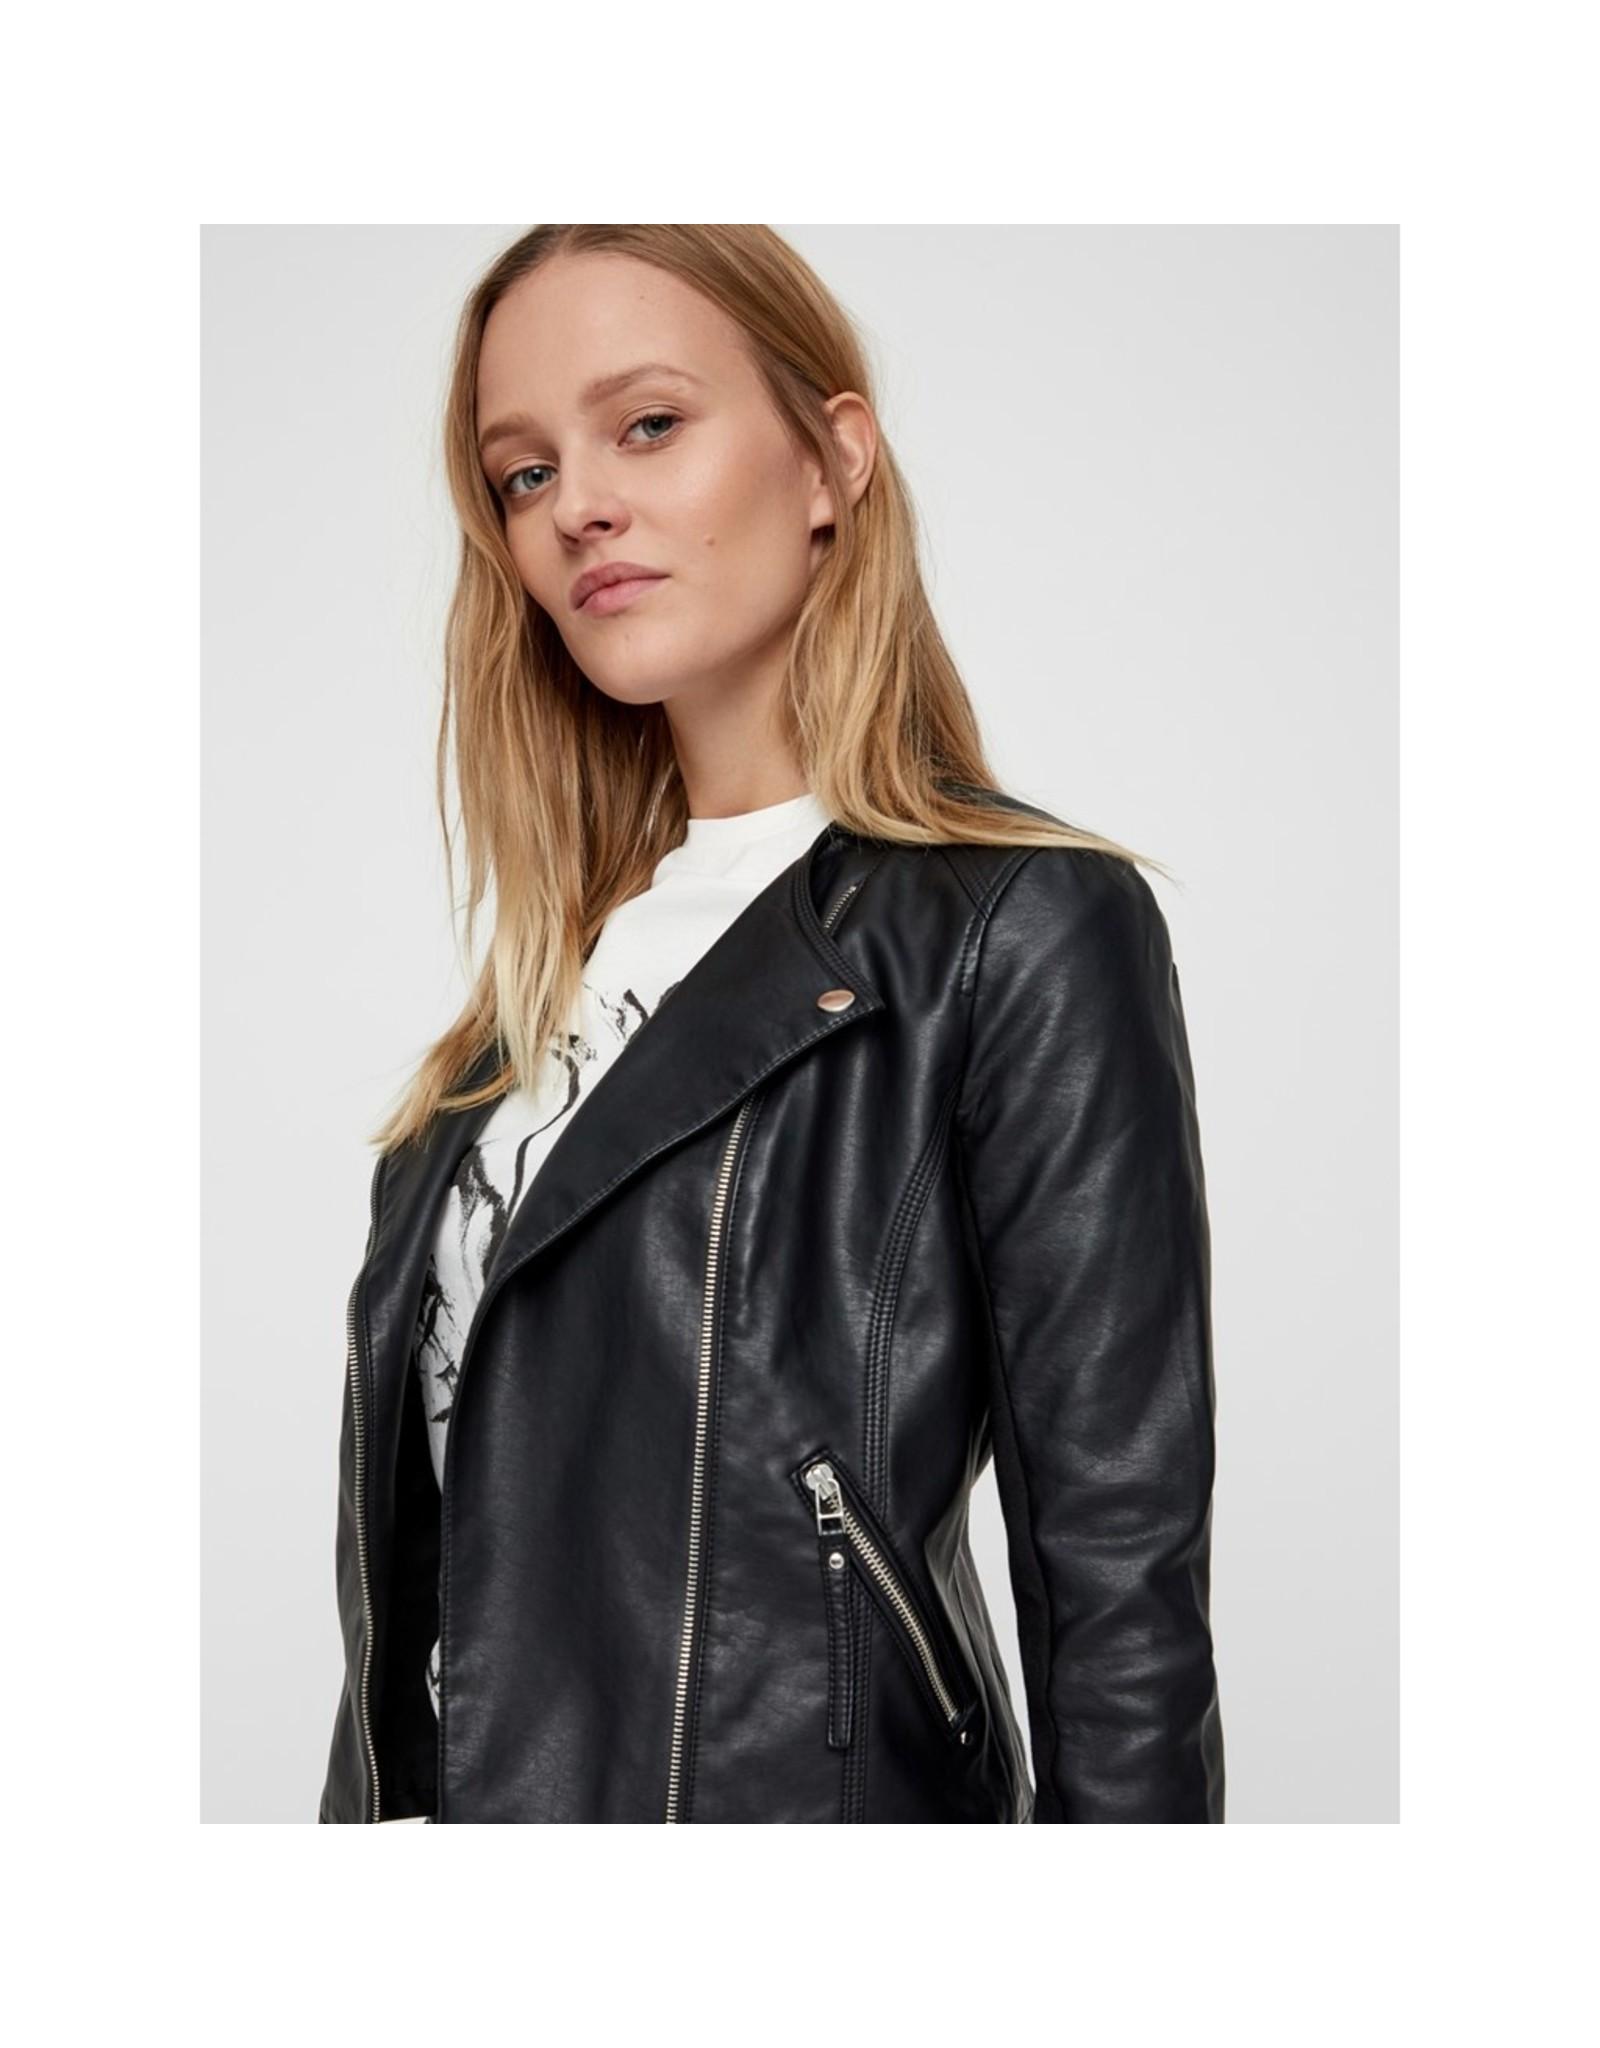 Vero Moda Vero Moda -  Biker Jacket